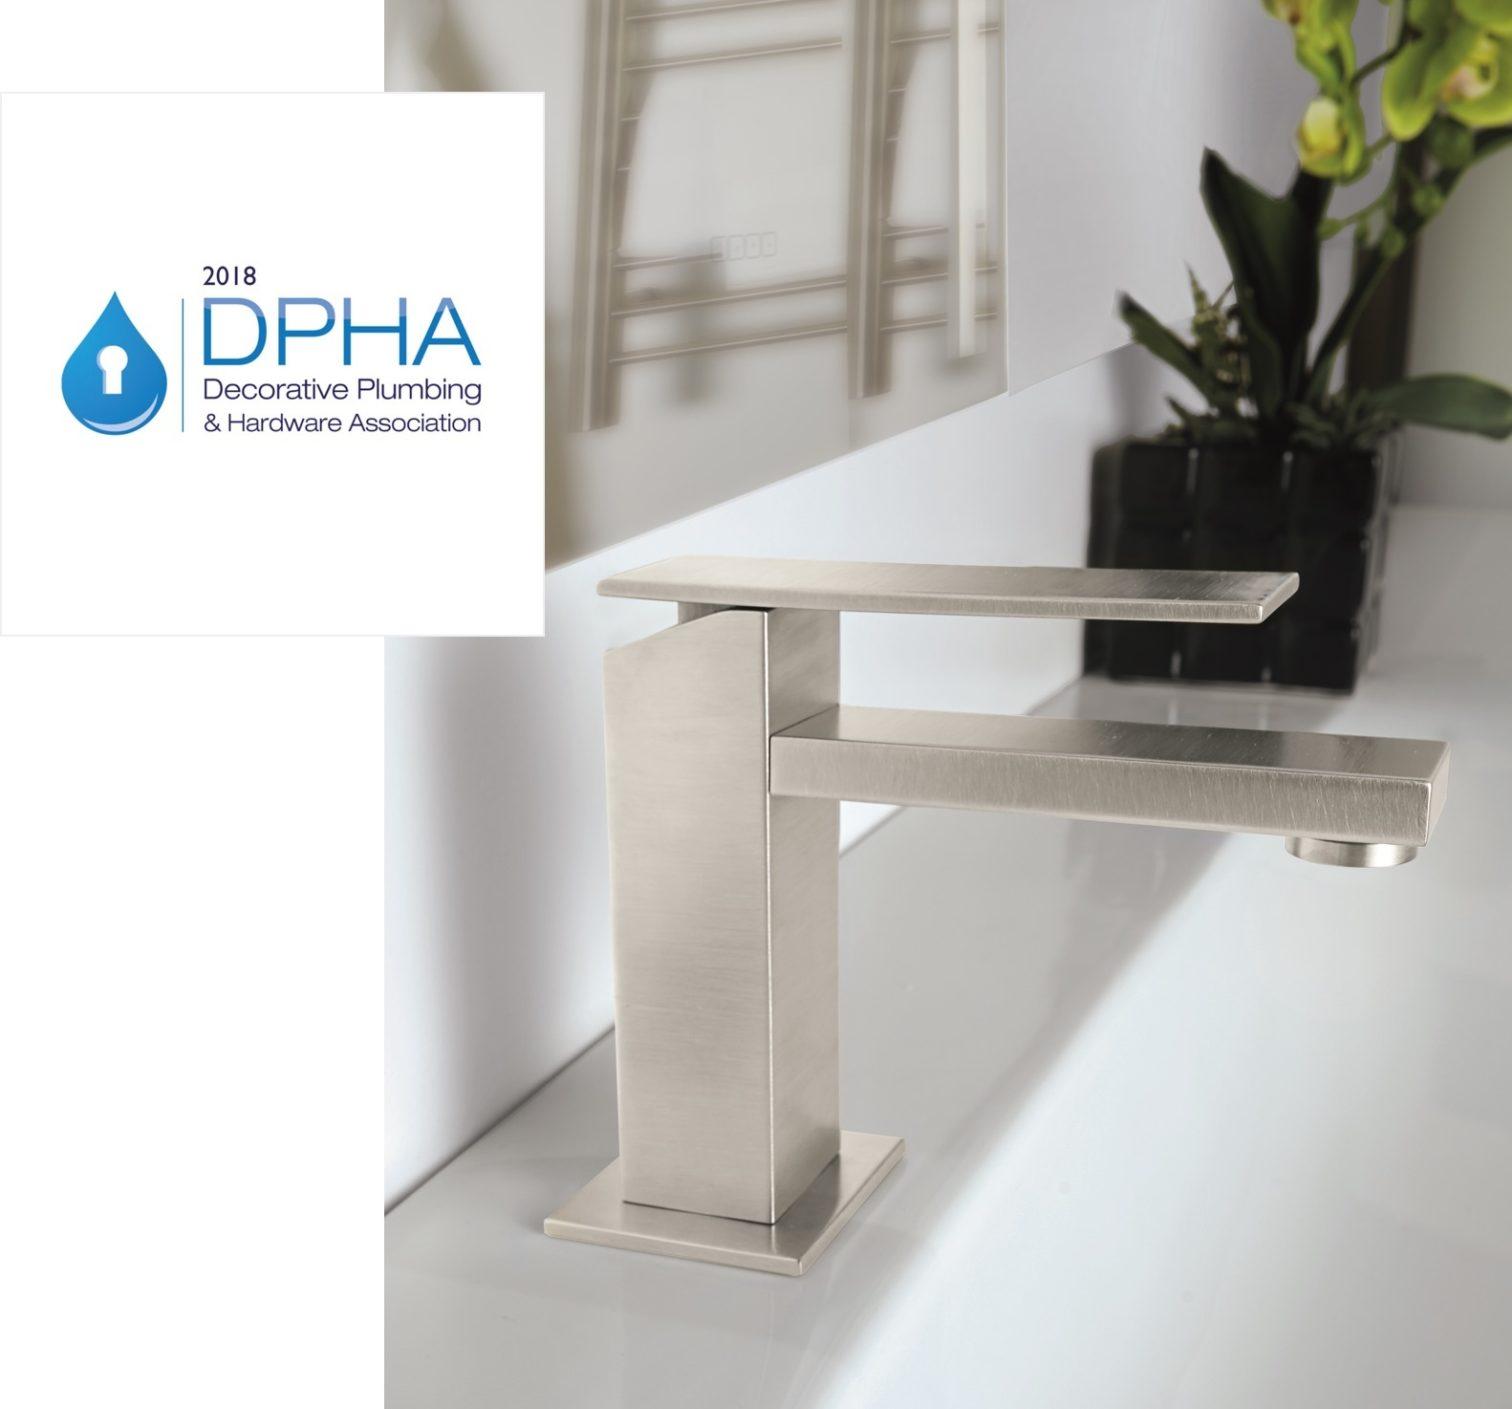 Award DPHA 2018 Morro Bay Faucet